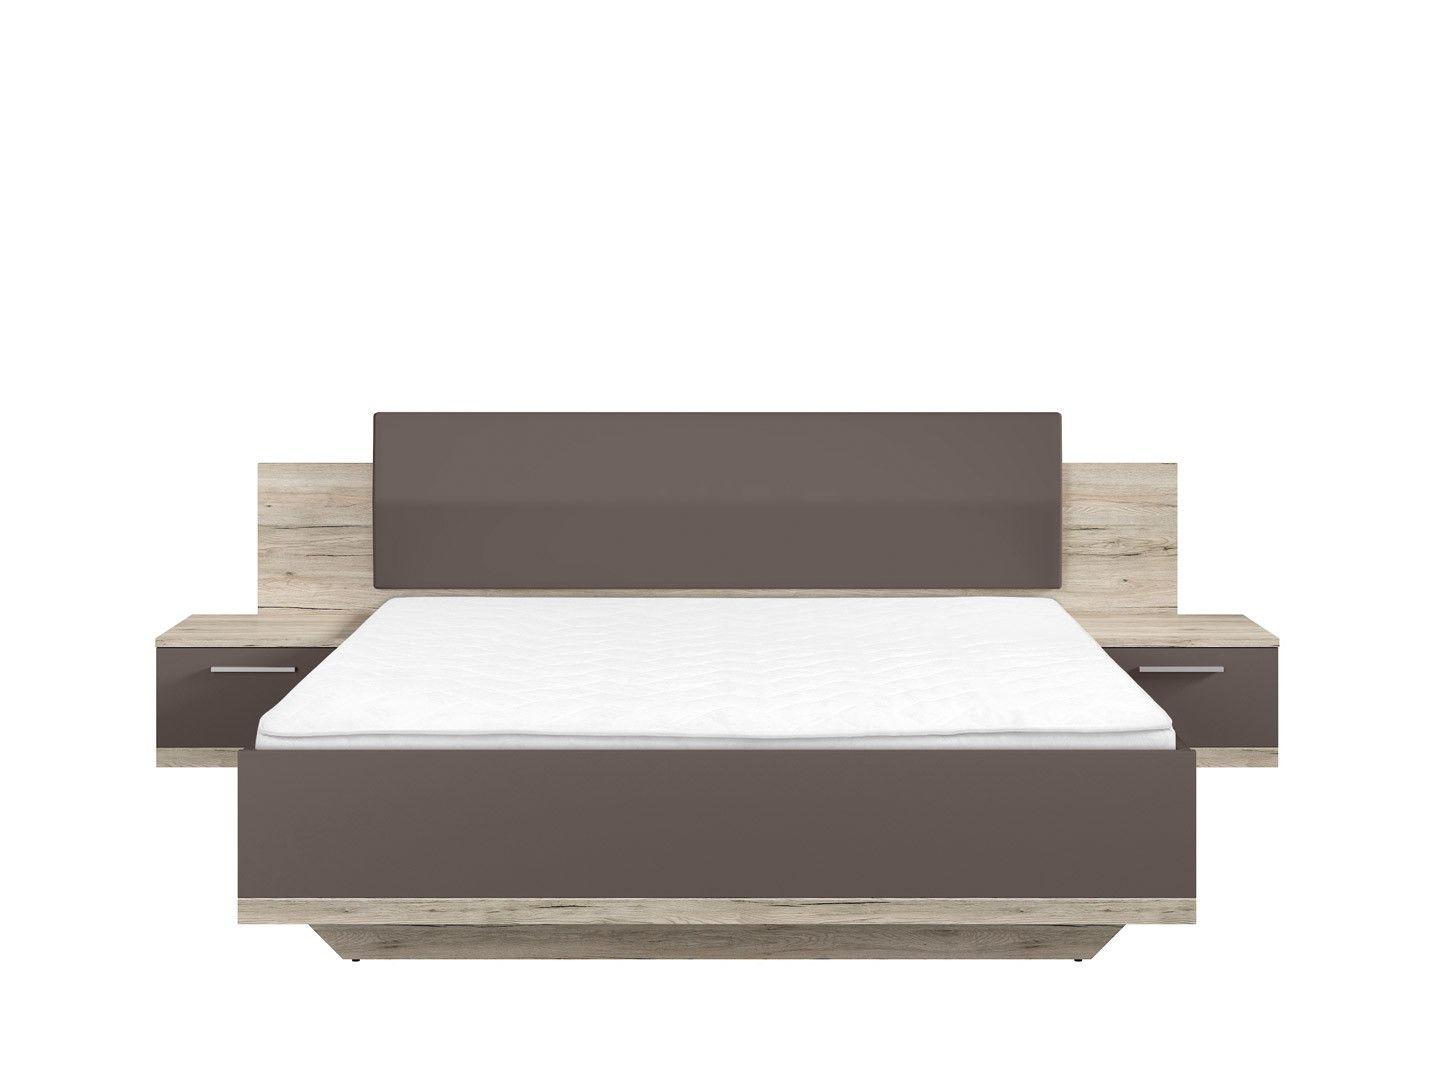 łóżko Piętrowe 3 Osobowe Dla Dorosłych łóżka 160x200